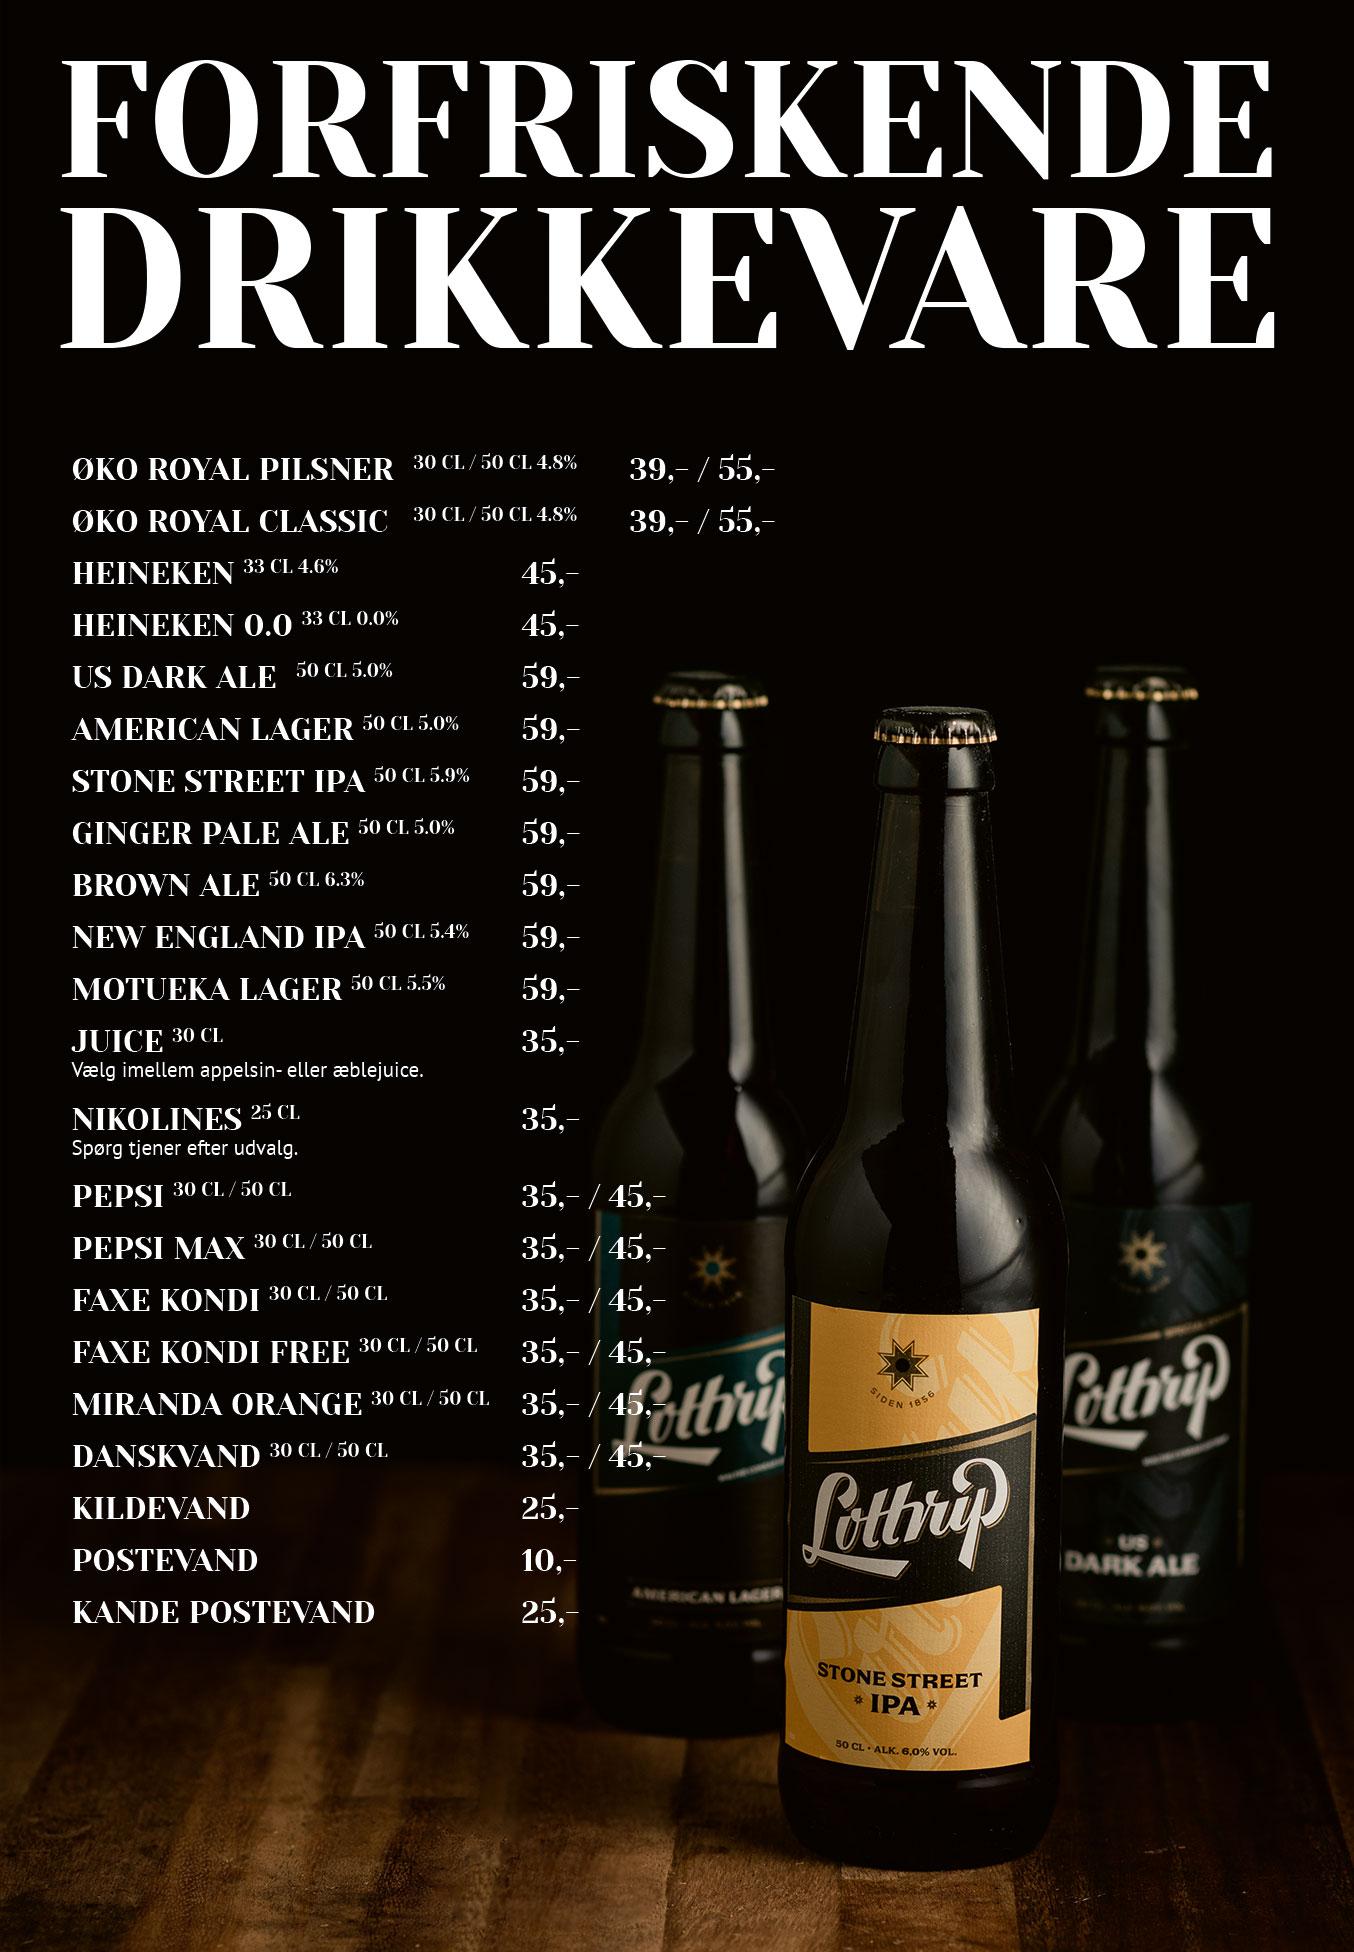 Side 6: Forfriskende drikkevare